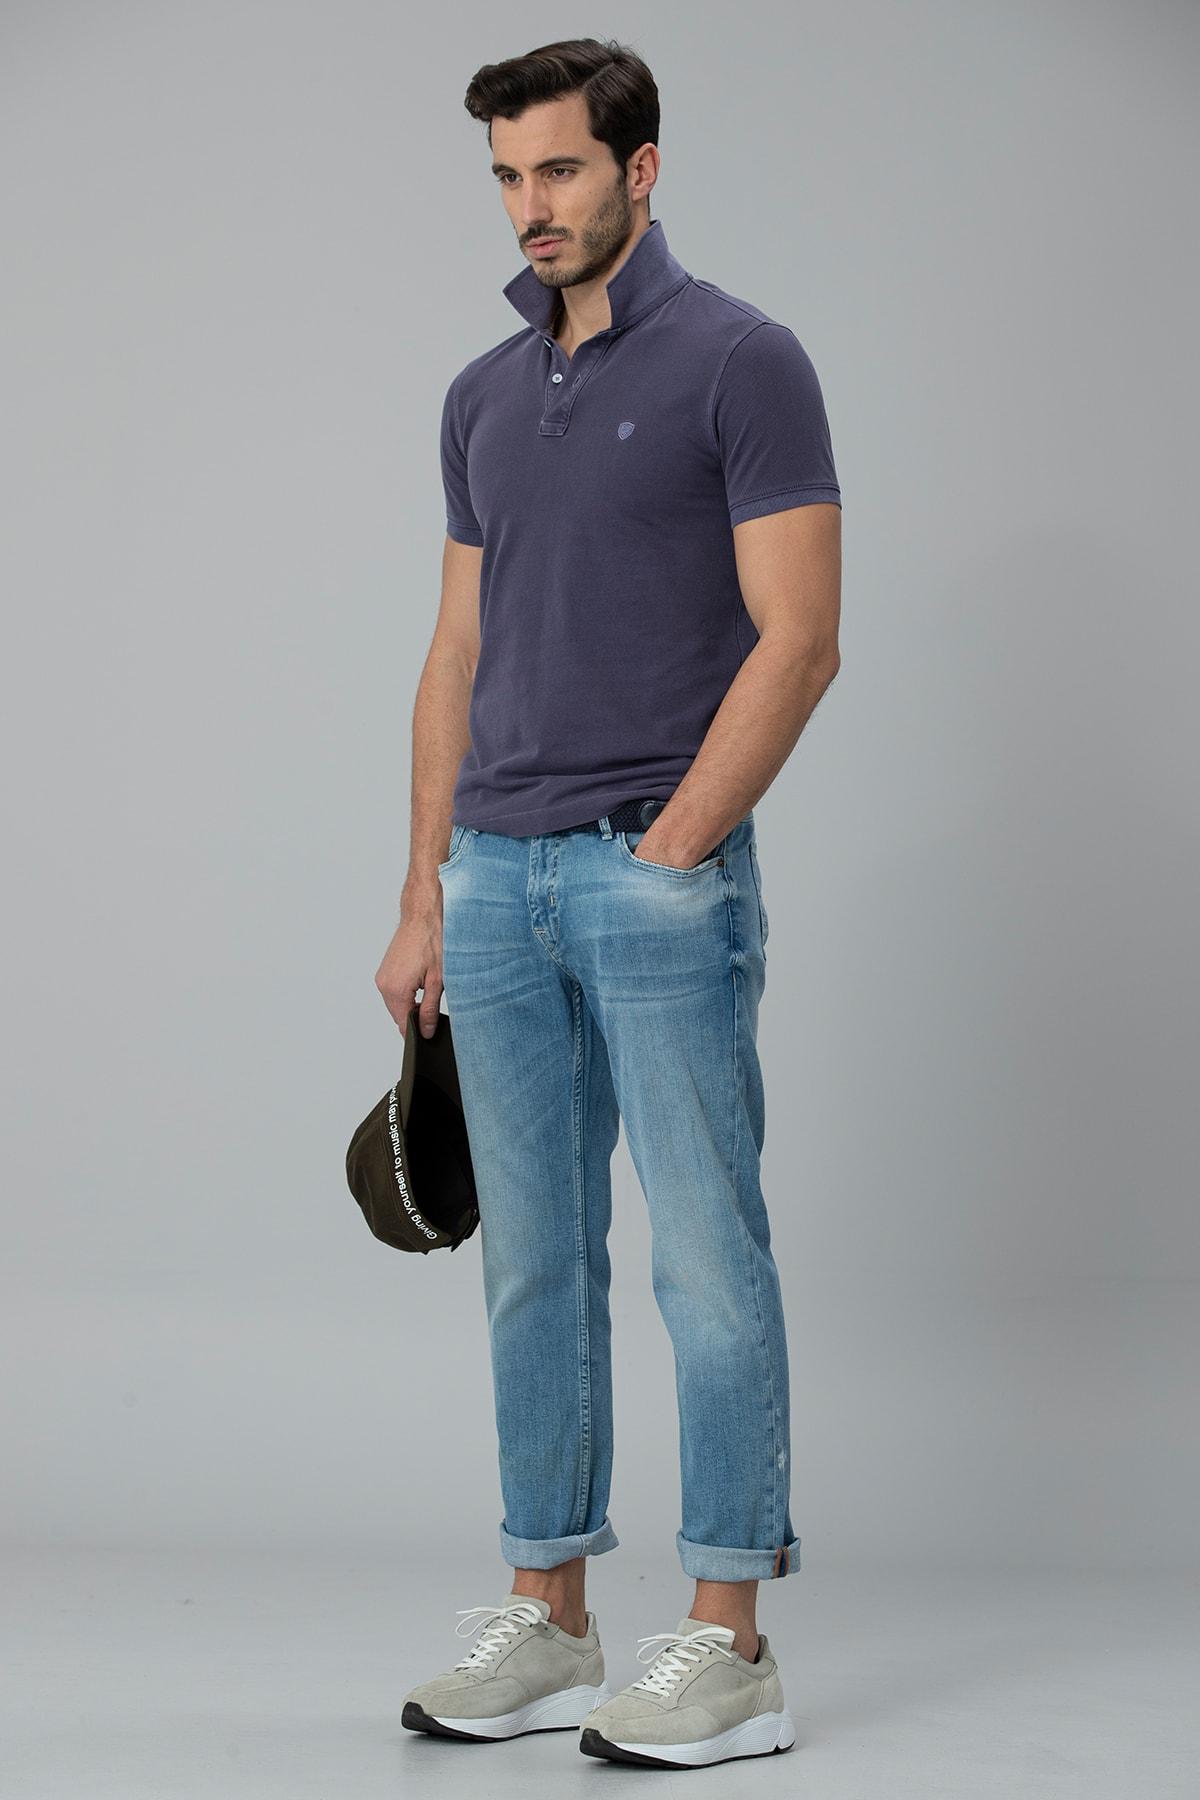 Lufian Ege Smart Jean Pantolon Regular Fit Gök Mavi 3